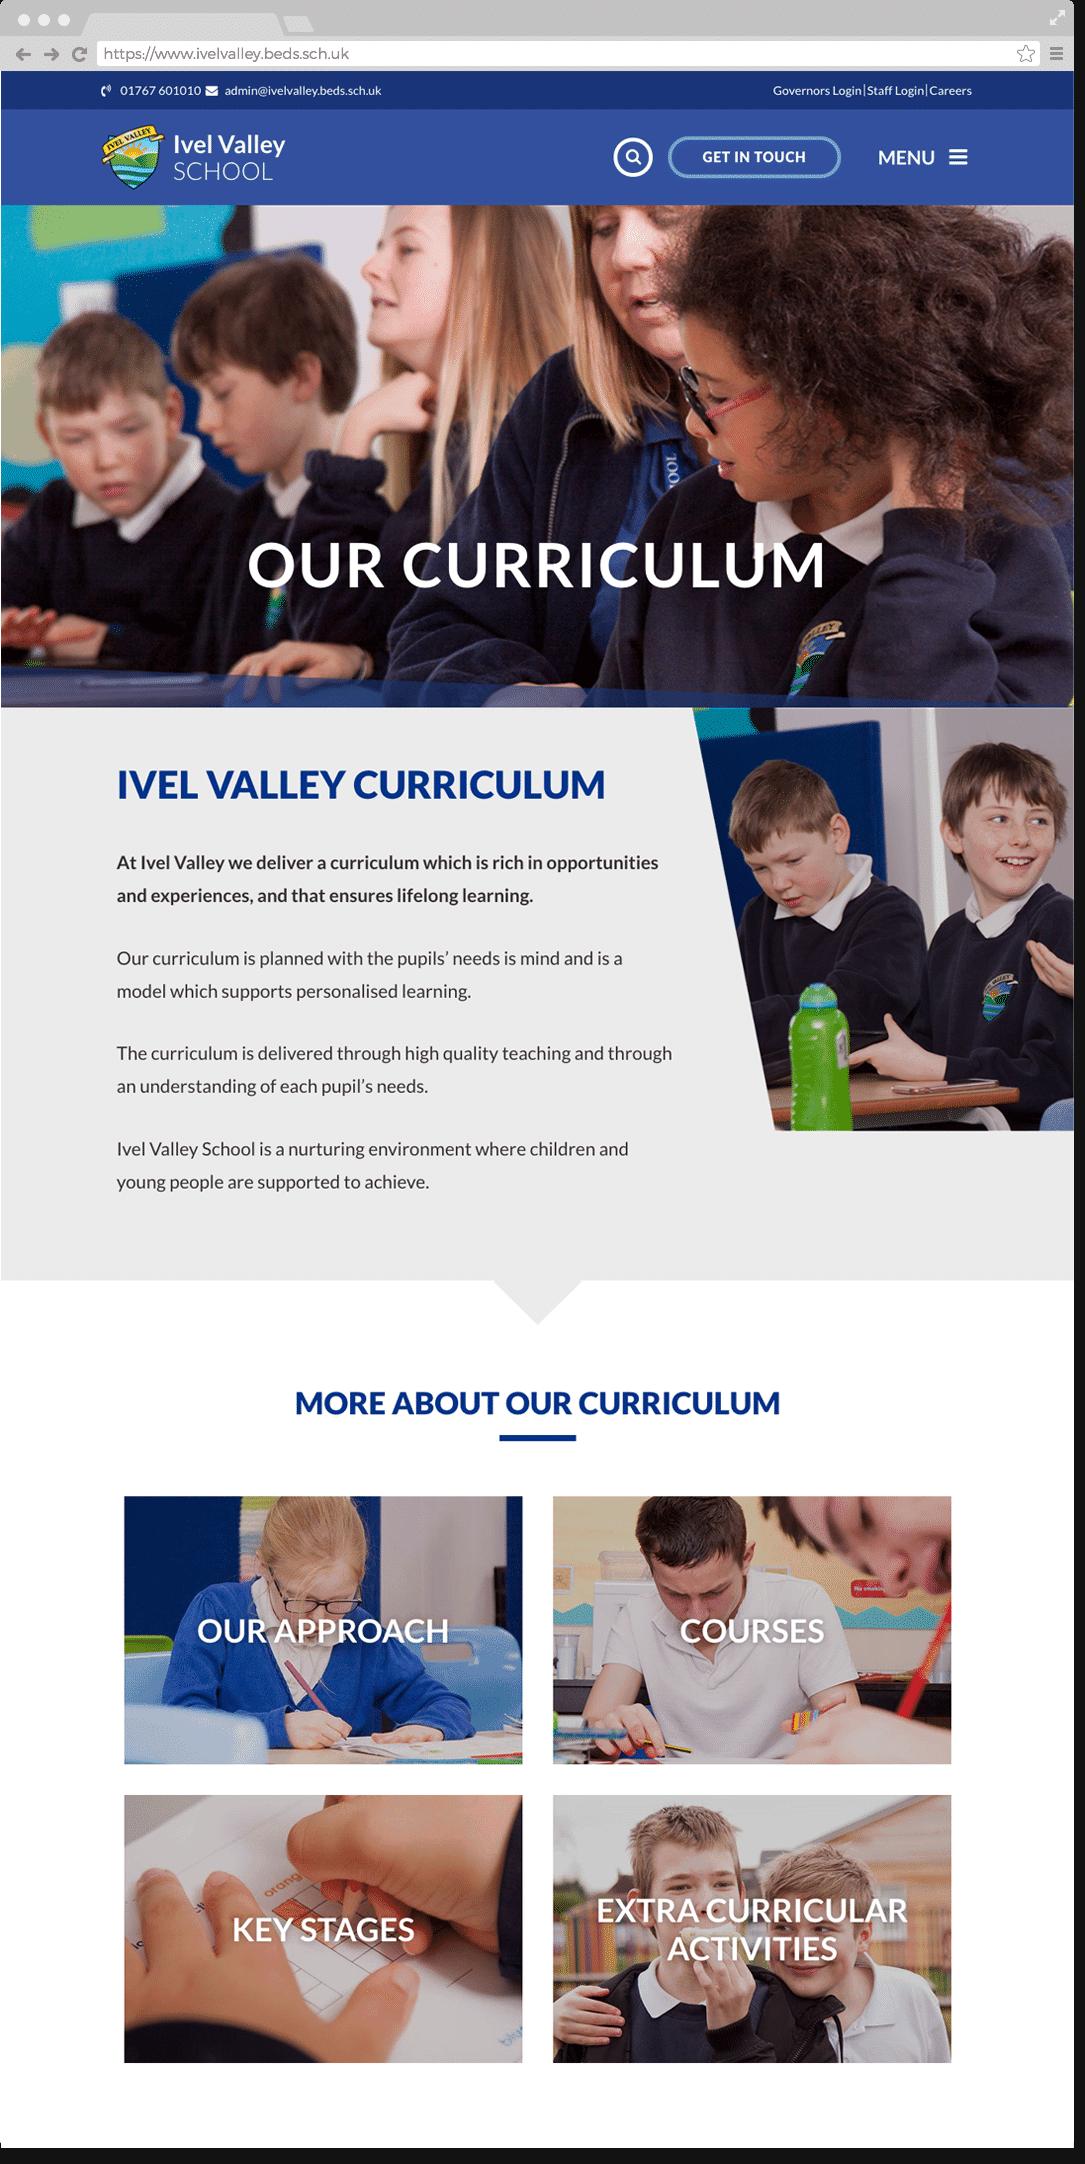 Ivel Valley School website